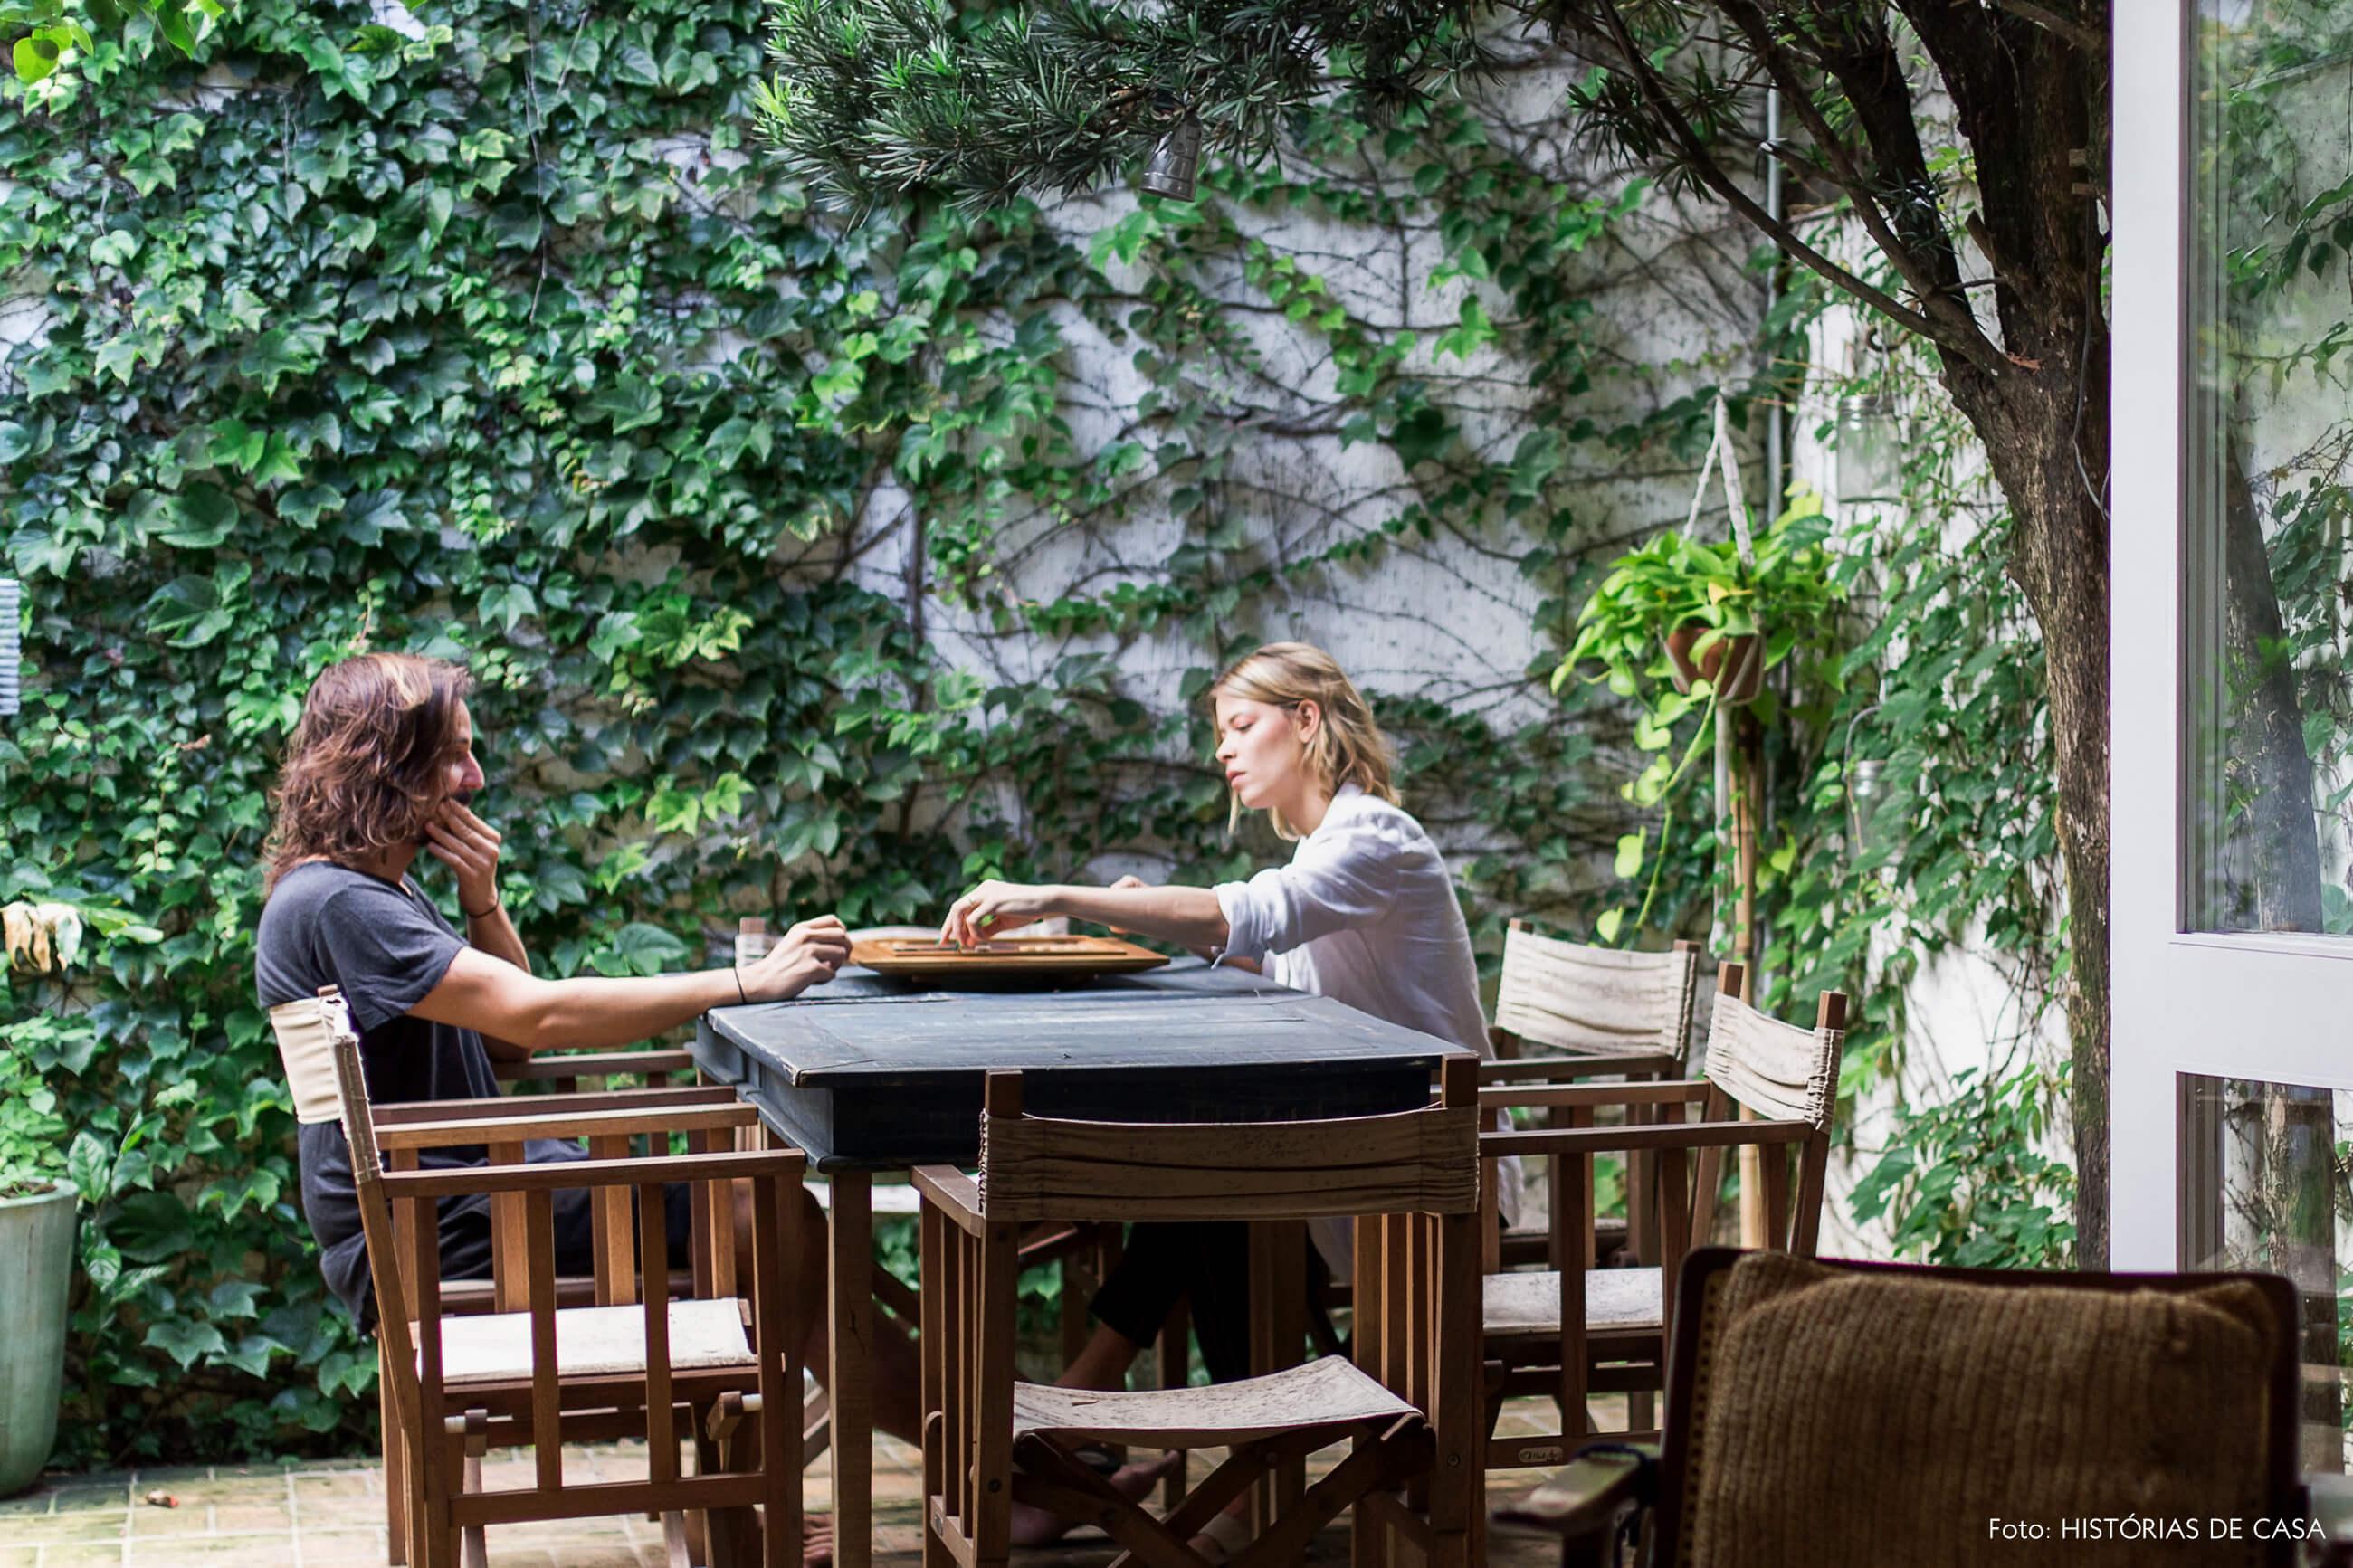 Casa com jardim e mesa de madeira ao ar livre